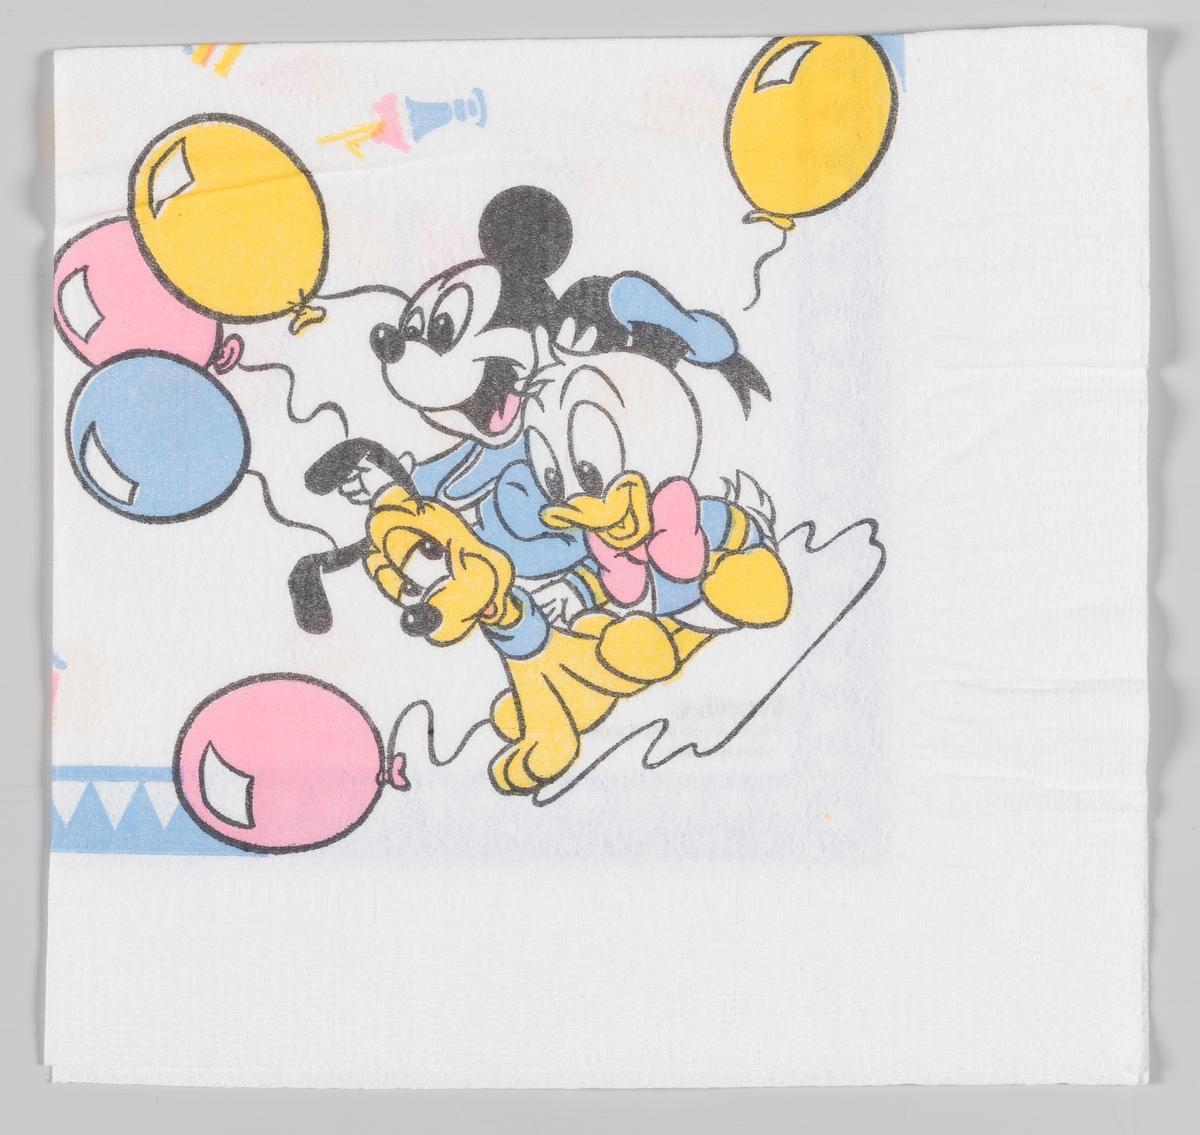 Baby Mikke Mus, baby Donald Duck og valpen Pluto sitter smilende mellom ballonger